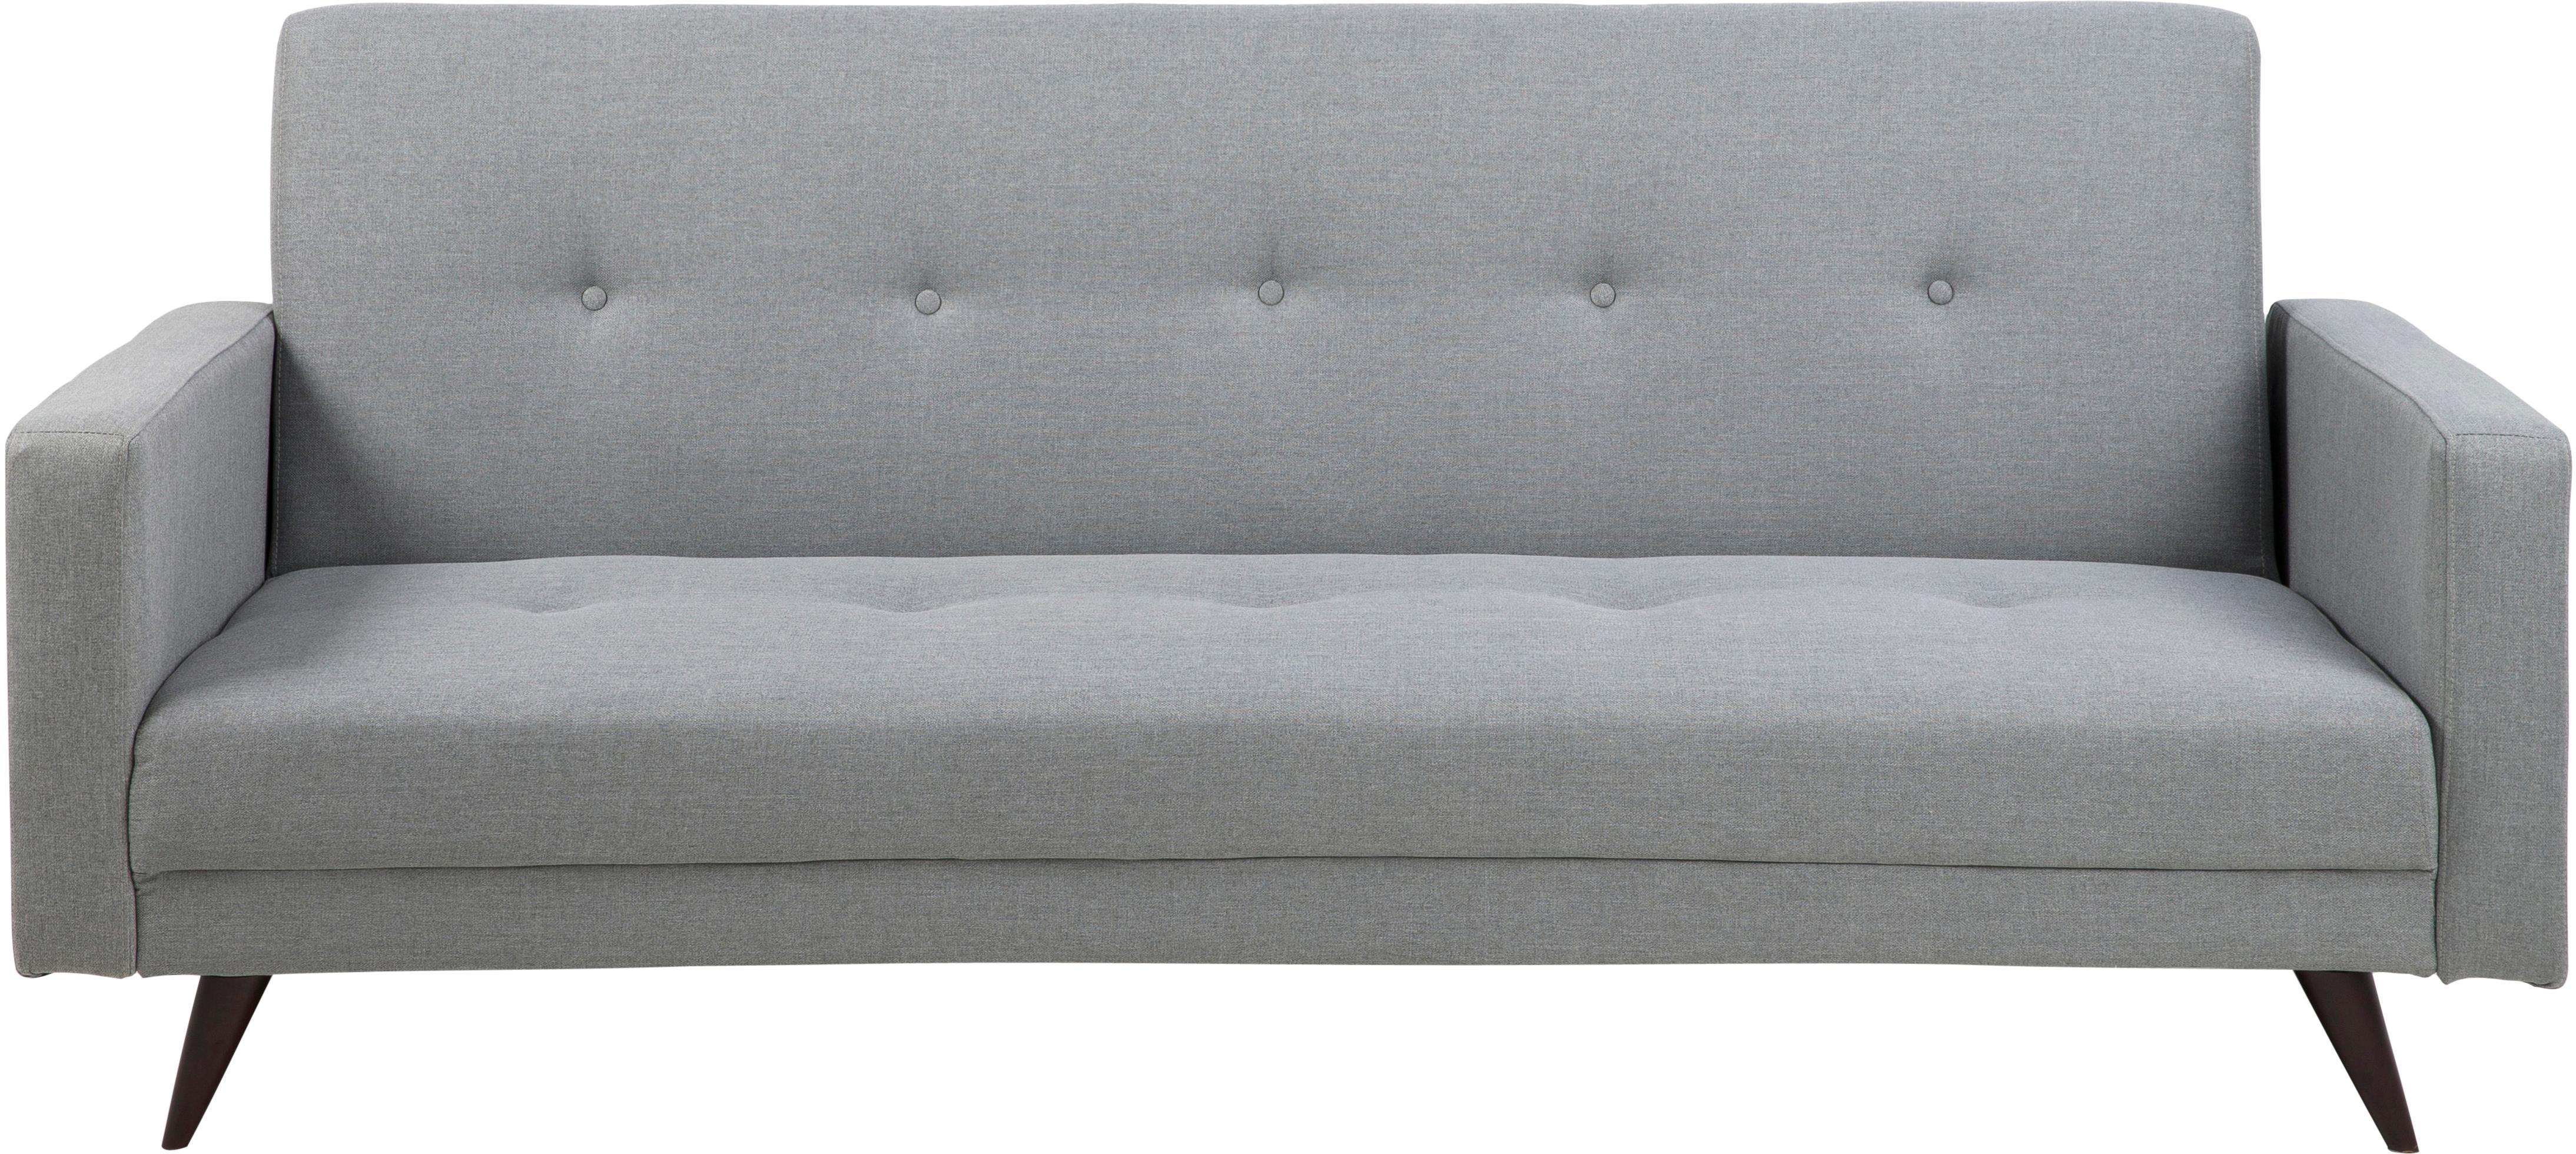 Slaapbank Romain (3-zits), Bekleding: polyester, Poten: gelakt rubberboomhout, Bekleding: lichtgrijs<br>Poten: donkerbruin, B 217  x D 89 cm